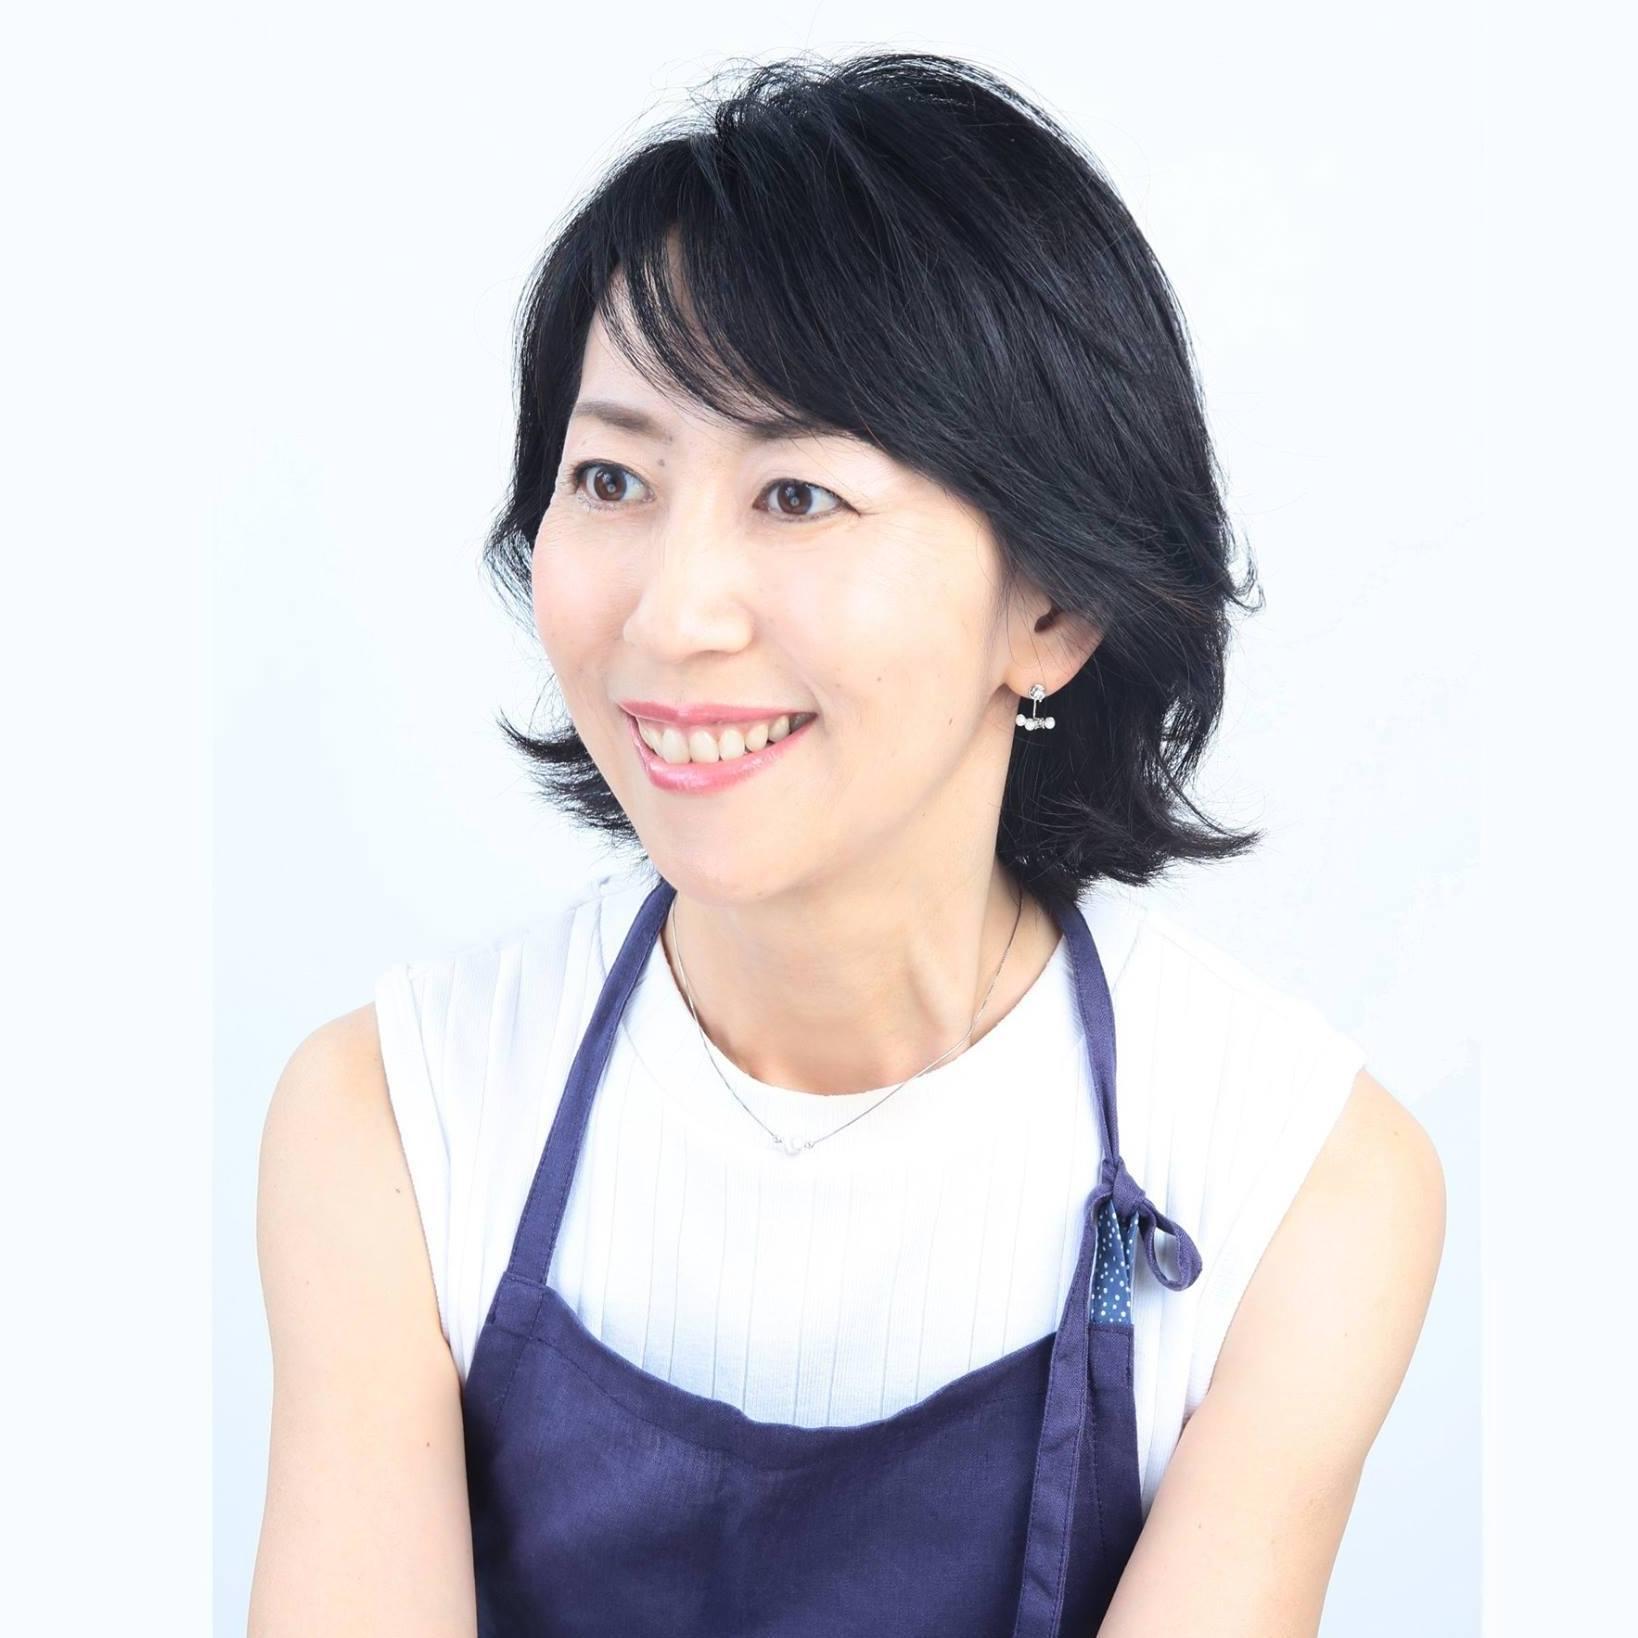 重ね煮アカデミー 田島恵さん